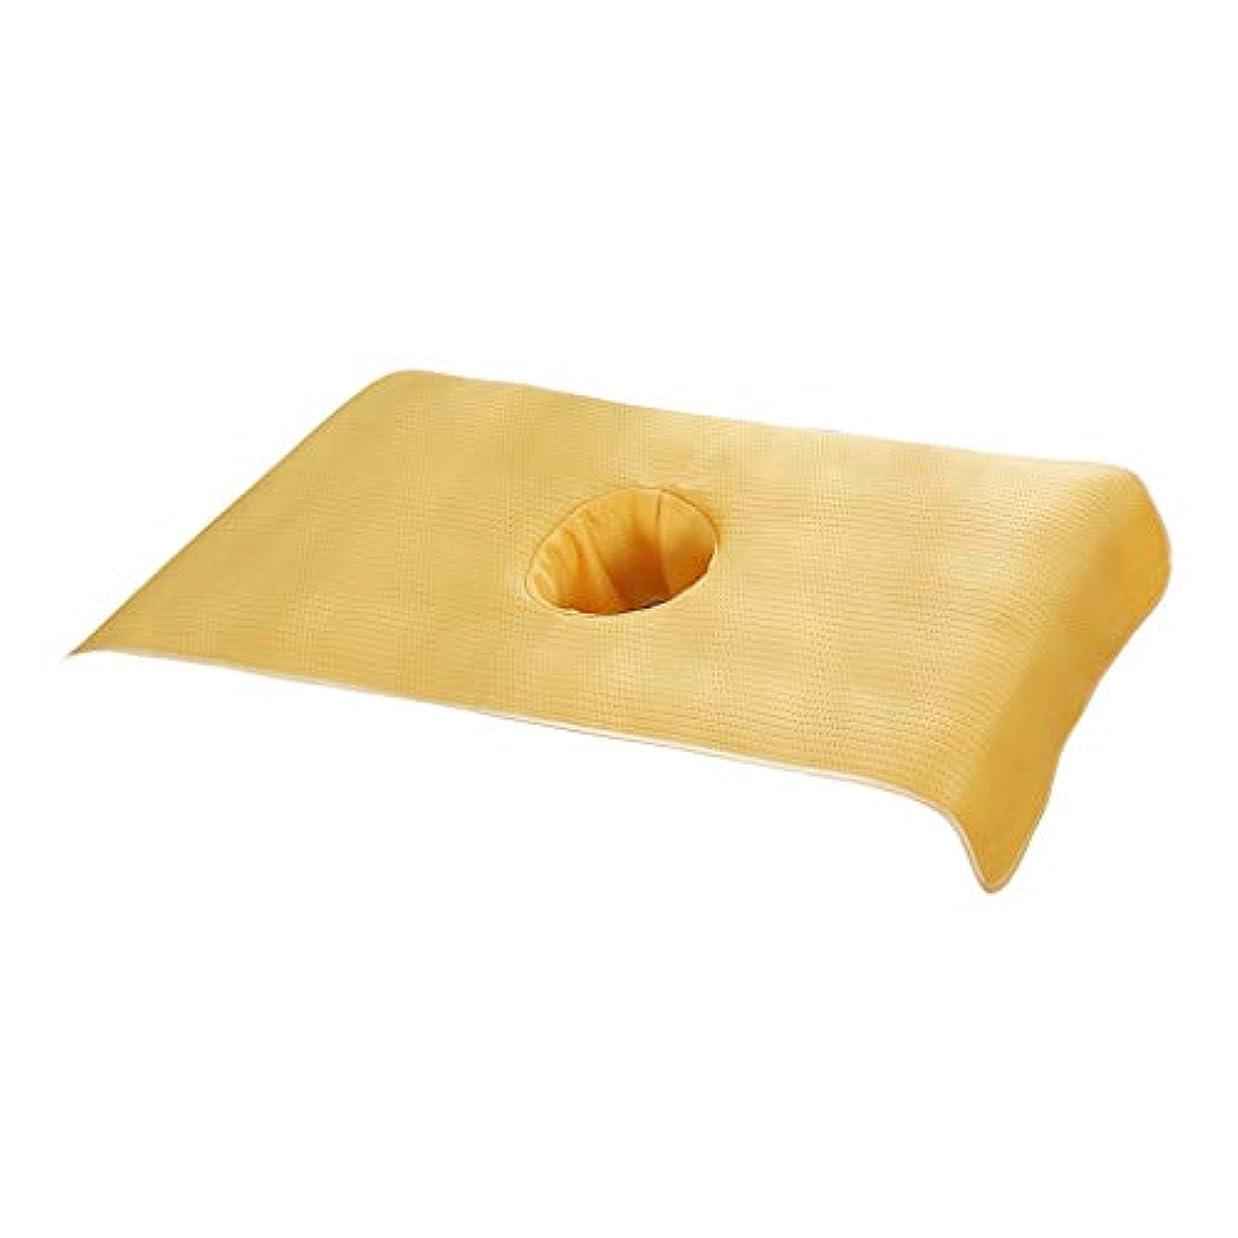 膨らませる学習スイマッサージベッドカバー 息の穴付き 美容ベッドカバー スパ マッサージテーブルスカート 35×90cm - 黄